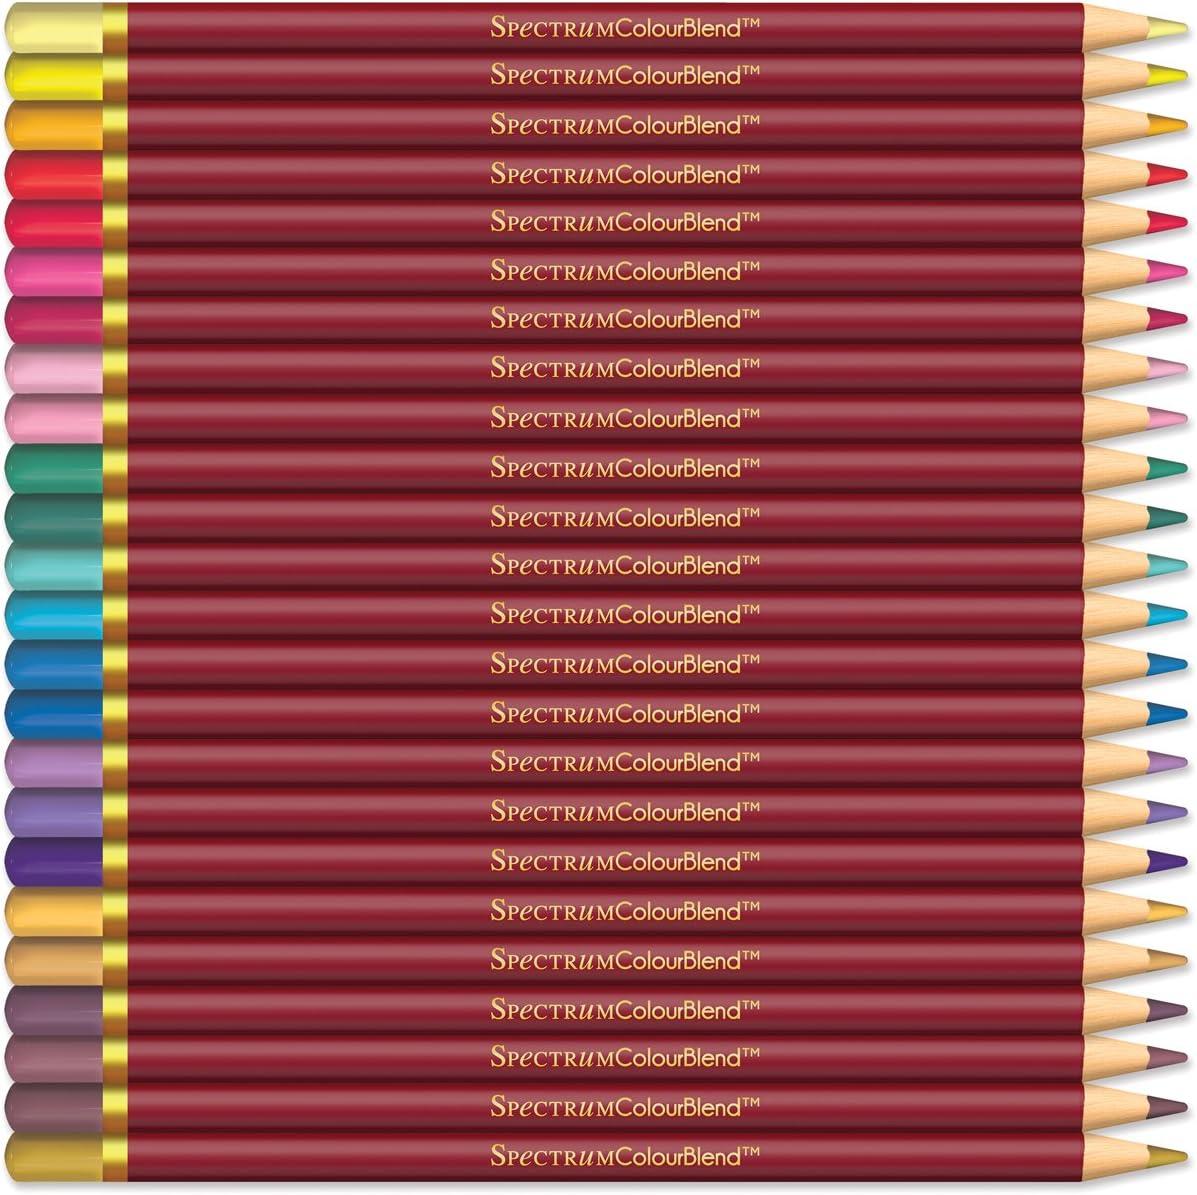 Spectrum Noir SPECCB-SOFT12 Colourblend Premium-Mischbare K/ünstler Bleistifte Weiche Farbt/öne 12 Pack-Soft Tints Wood 19 x 12 x 1.5 cm